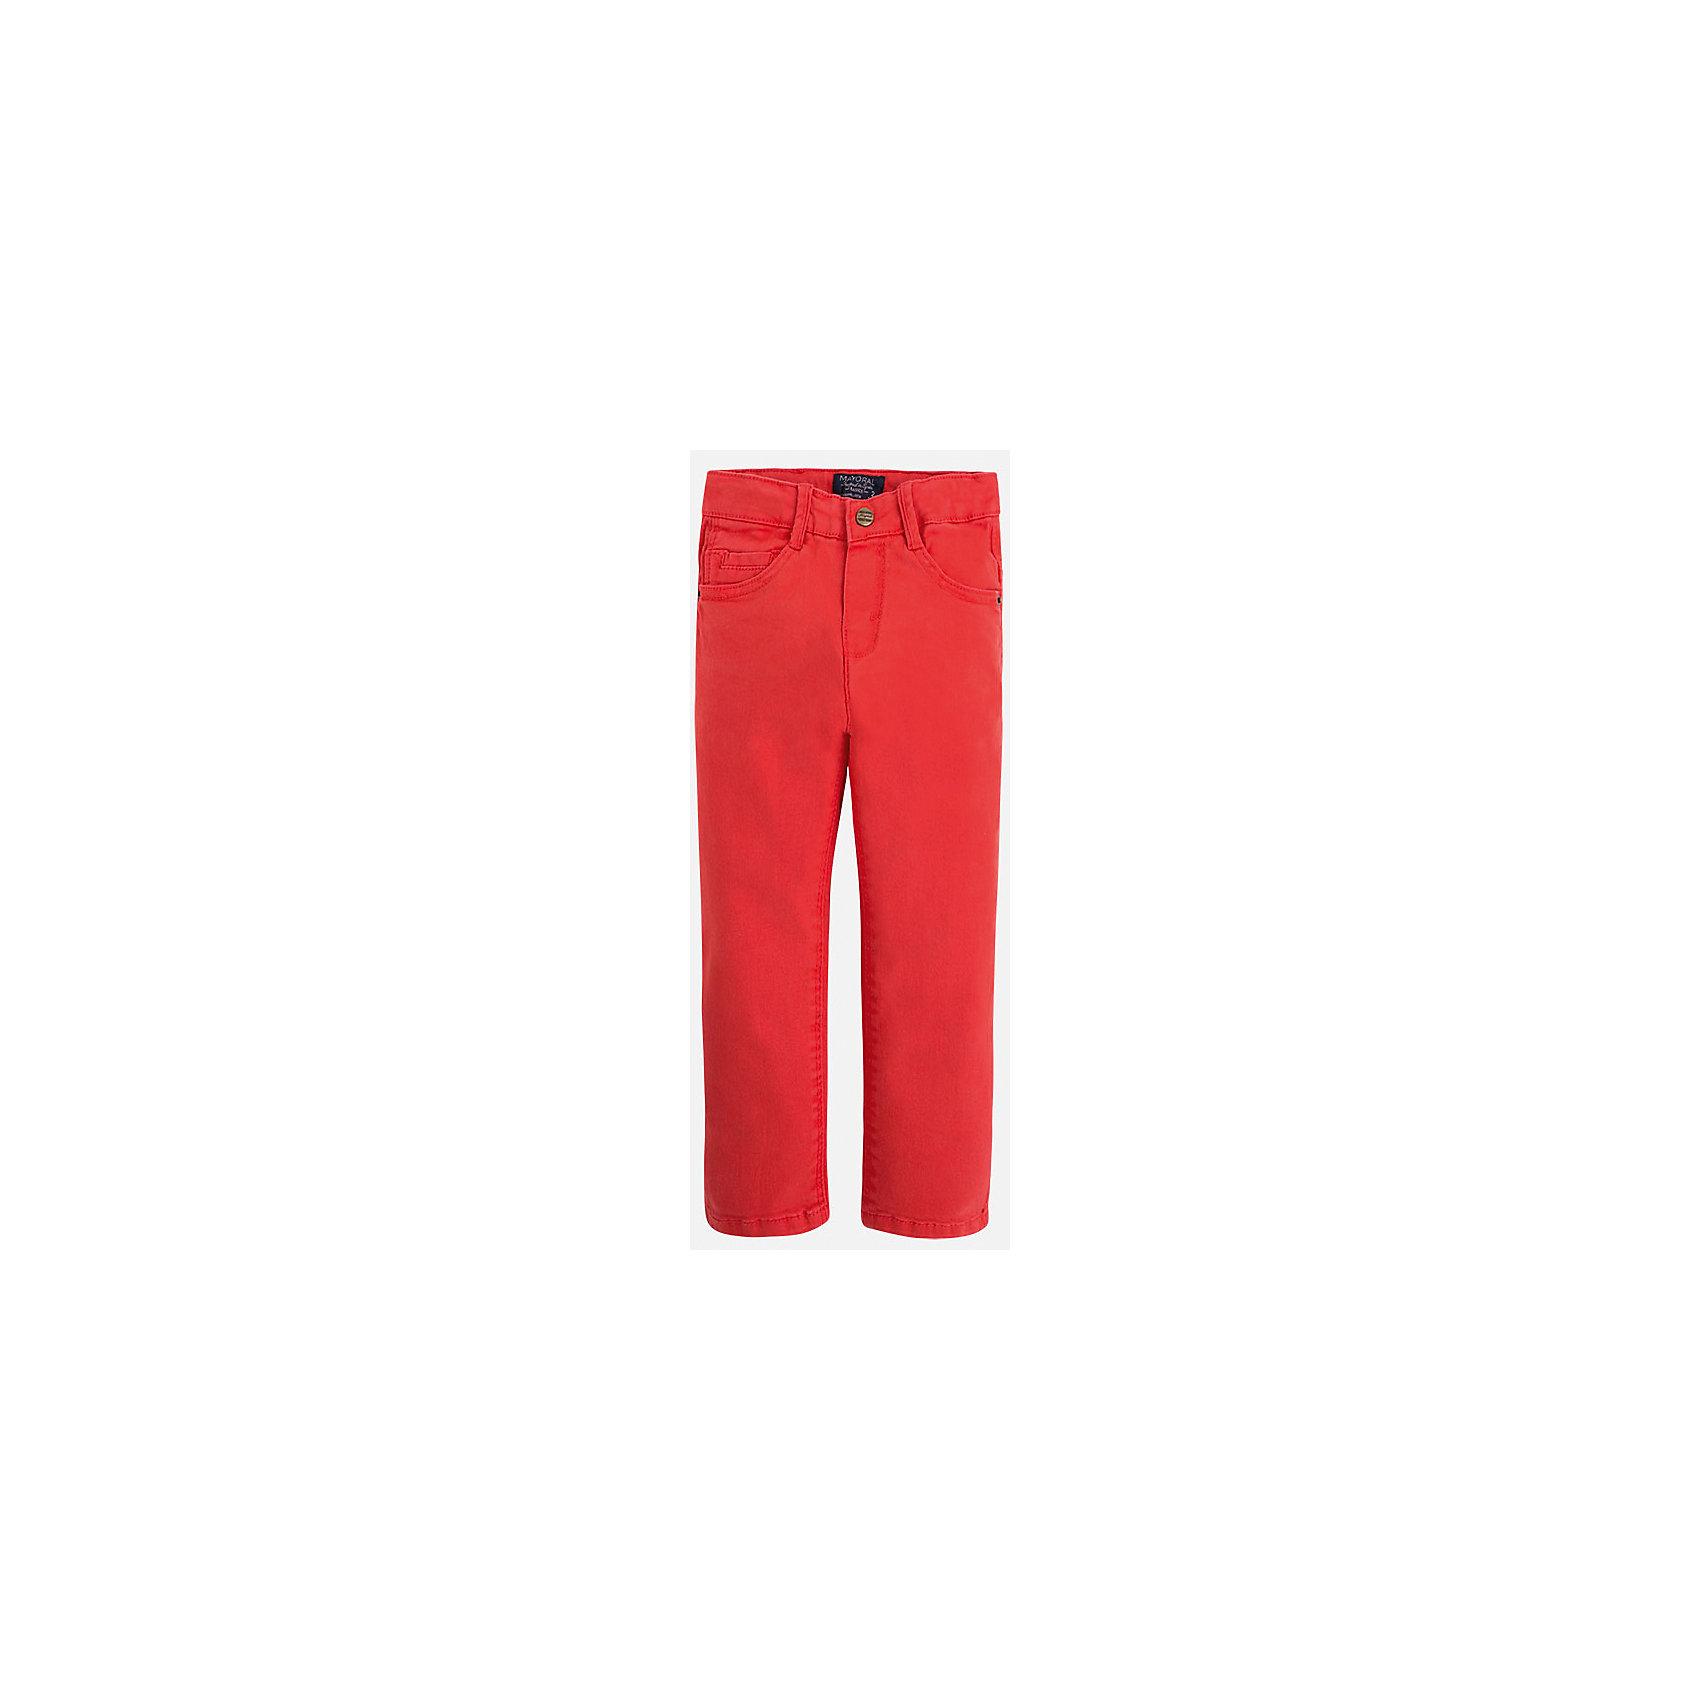 Брюки для мальчика MayoralБрюки<br>Брюки для мальчика Mayoral (Майорал)<br>Ультрамодные брюки от известной испанской марки Mayoral (Майорал), выполненные из хлопковой ткани с небольшим содержанием эластана, станут прекрасным дополнением гардероба вашего мальчика. Брюки на поясе застегиваются на пуговицу, а также имеют ширинку на застежке-молнии и шлевки для ремня, объем талии регулируется. Модель имеет два кармана и кармашек для ключей спереди и два накладных кармана сзади.<br><br>Дополнительная информация:<br><br>- Цвет: красно-оранжевый<br>- Состав: 98% хлопок, 2% эластан<br>- Уход: бережная стирка при 30 градусах<br><br>Брюки для мальчика Mayoral (Майорал) можно купить в нашем интернет-магазине.<br><br>Ширина мм: 215<br>Глубина мм: 88<br>Высота мм: 191<br>Вес г: 336<br>Цвет: коричневый<br>Возраст от месяцев: 18<br>Возраст до месяцев: 24<br>Пол: Мужской<br>Возраст: Детский<br>Размер: 128,122,116,110,104,98,92,134<br>SKU: 4820896